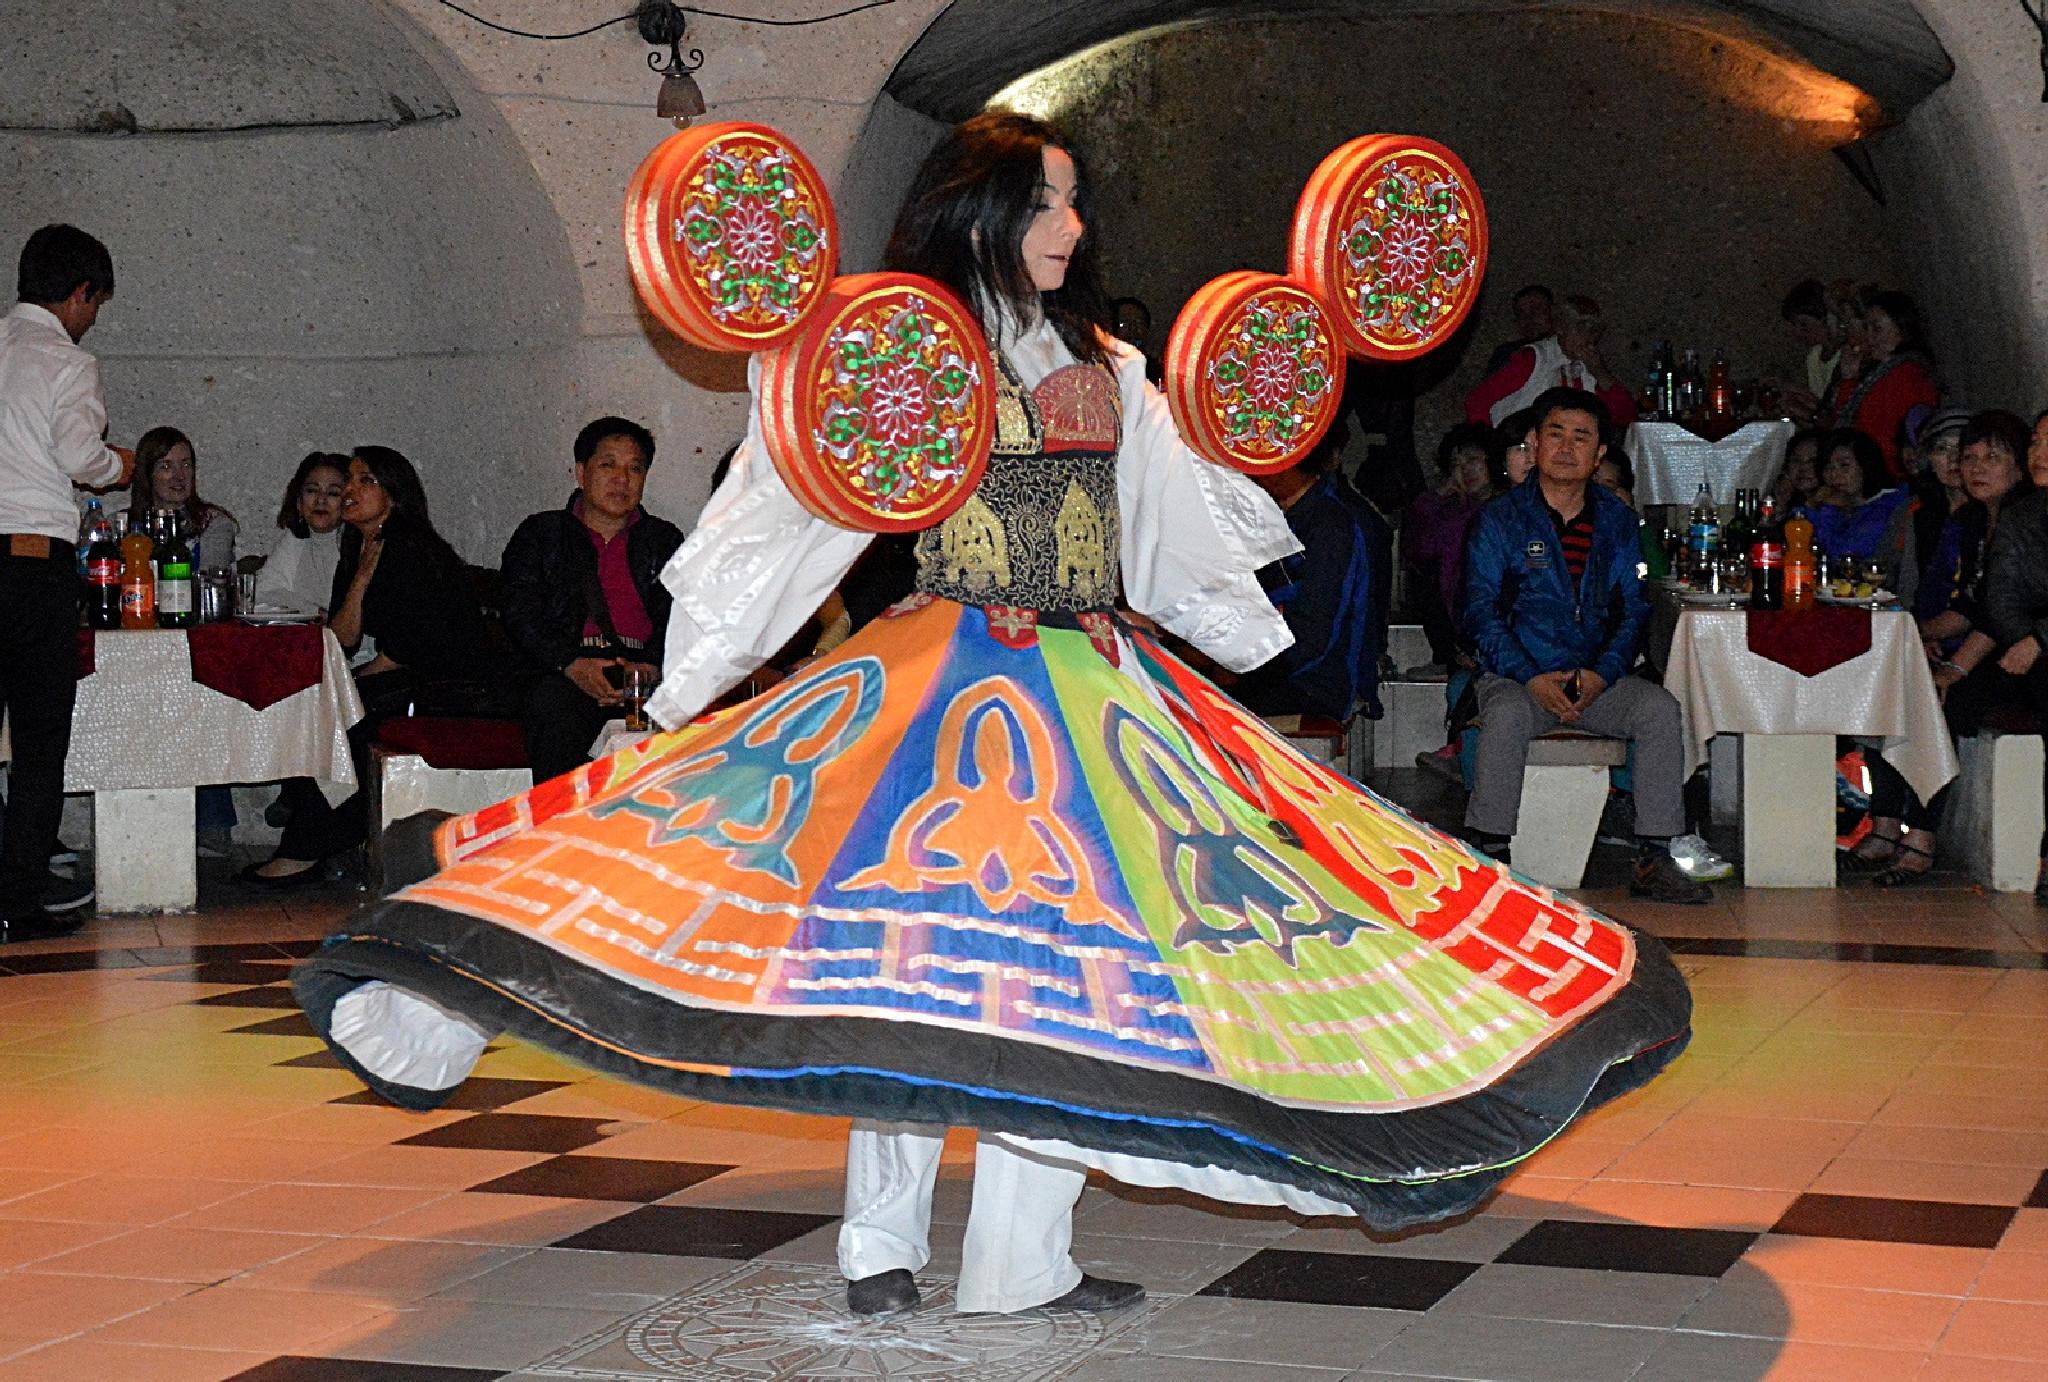 dancing by marenka